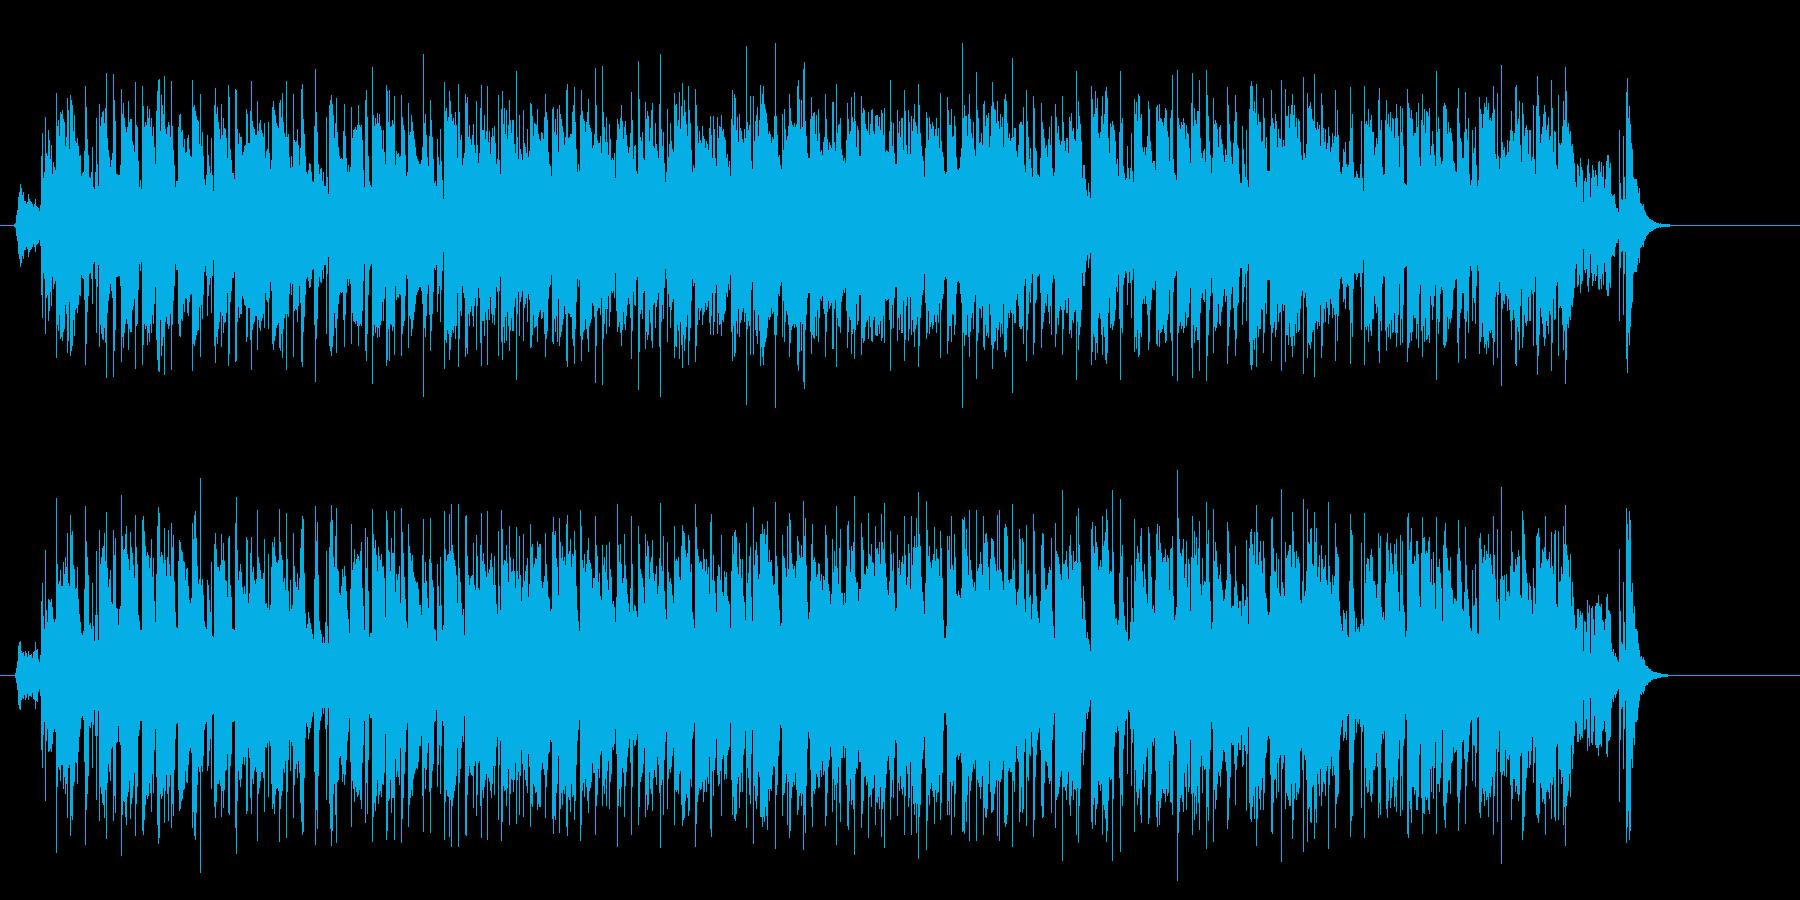 はつらつダイナミック・アンサンブルの再生済みの波形